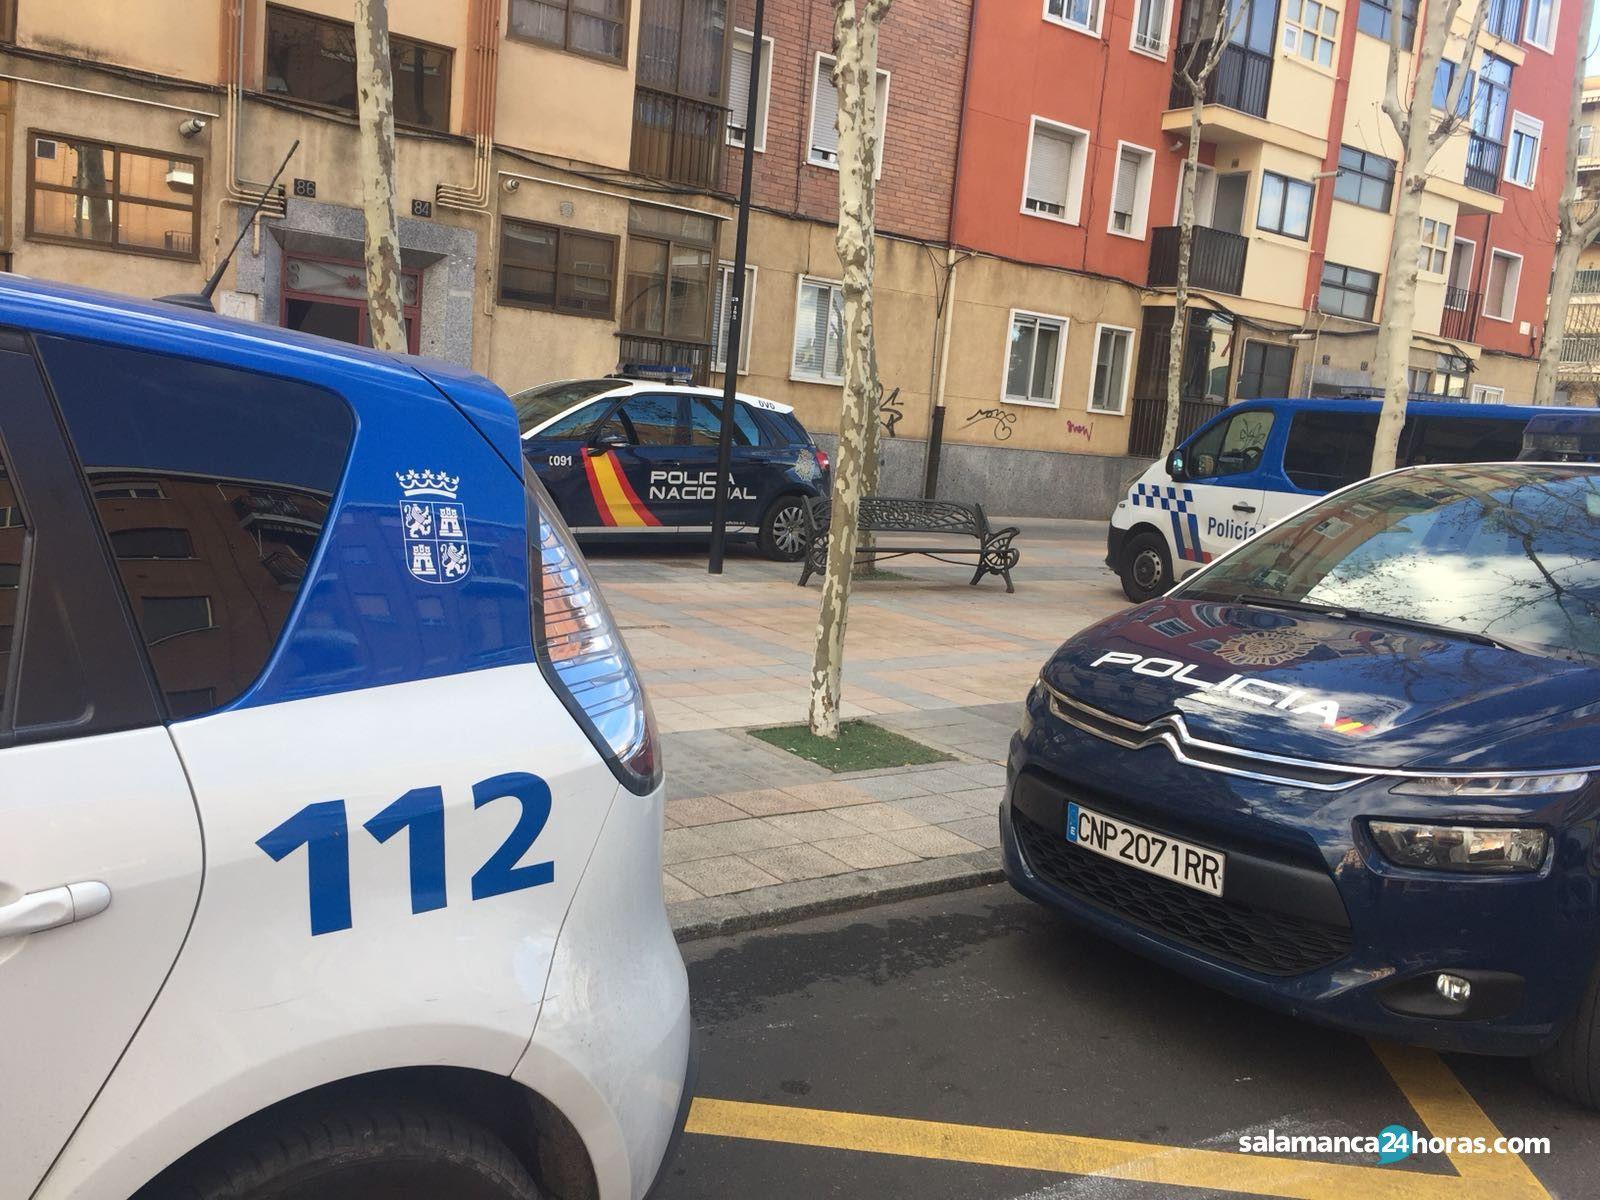 Policía Local Policía Nacional avenida Cipreses